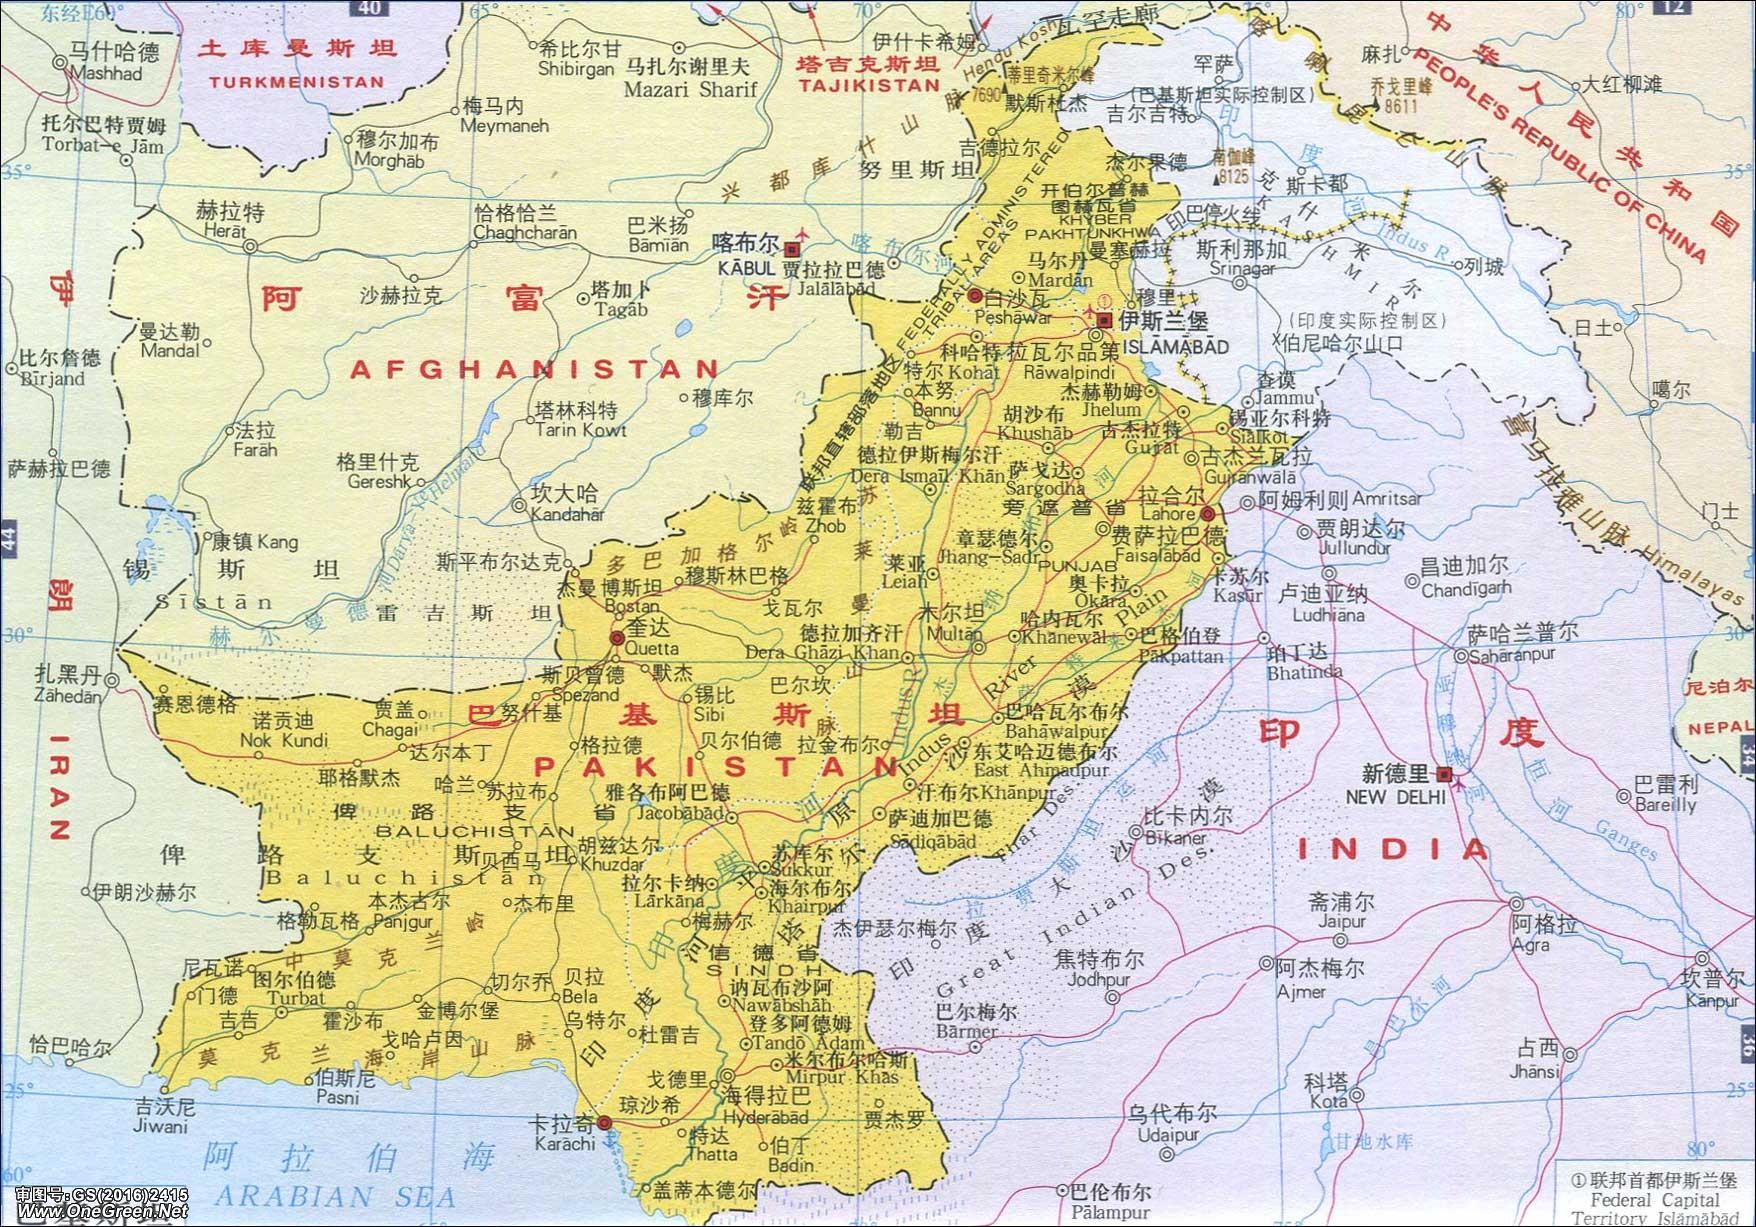 土耳其地图中文版_巴基斯坦地图(最新版)_巴基斯坦地图库_地图窝